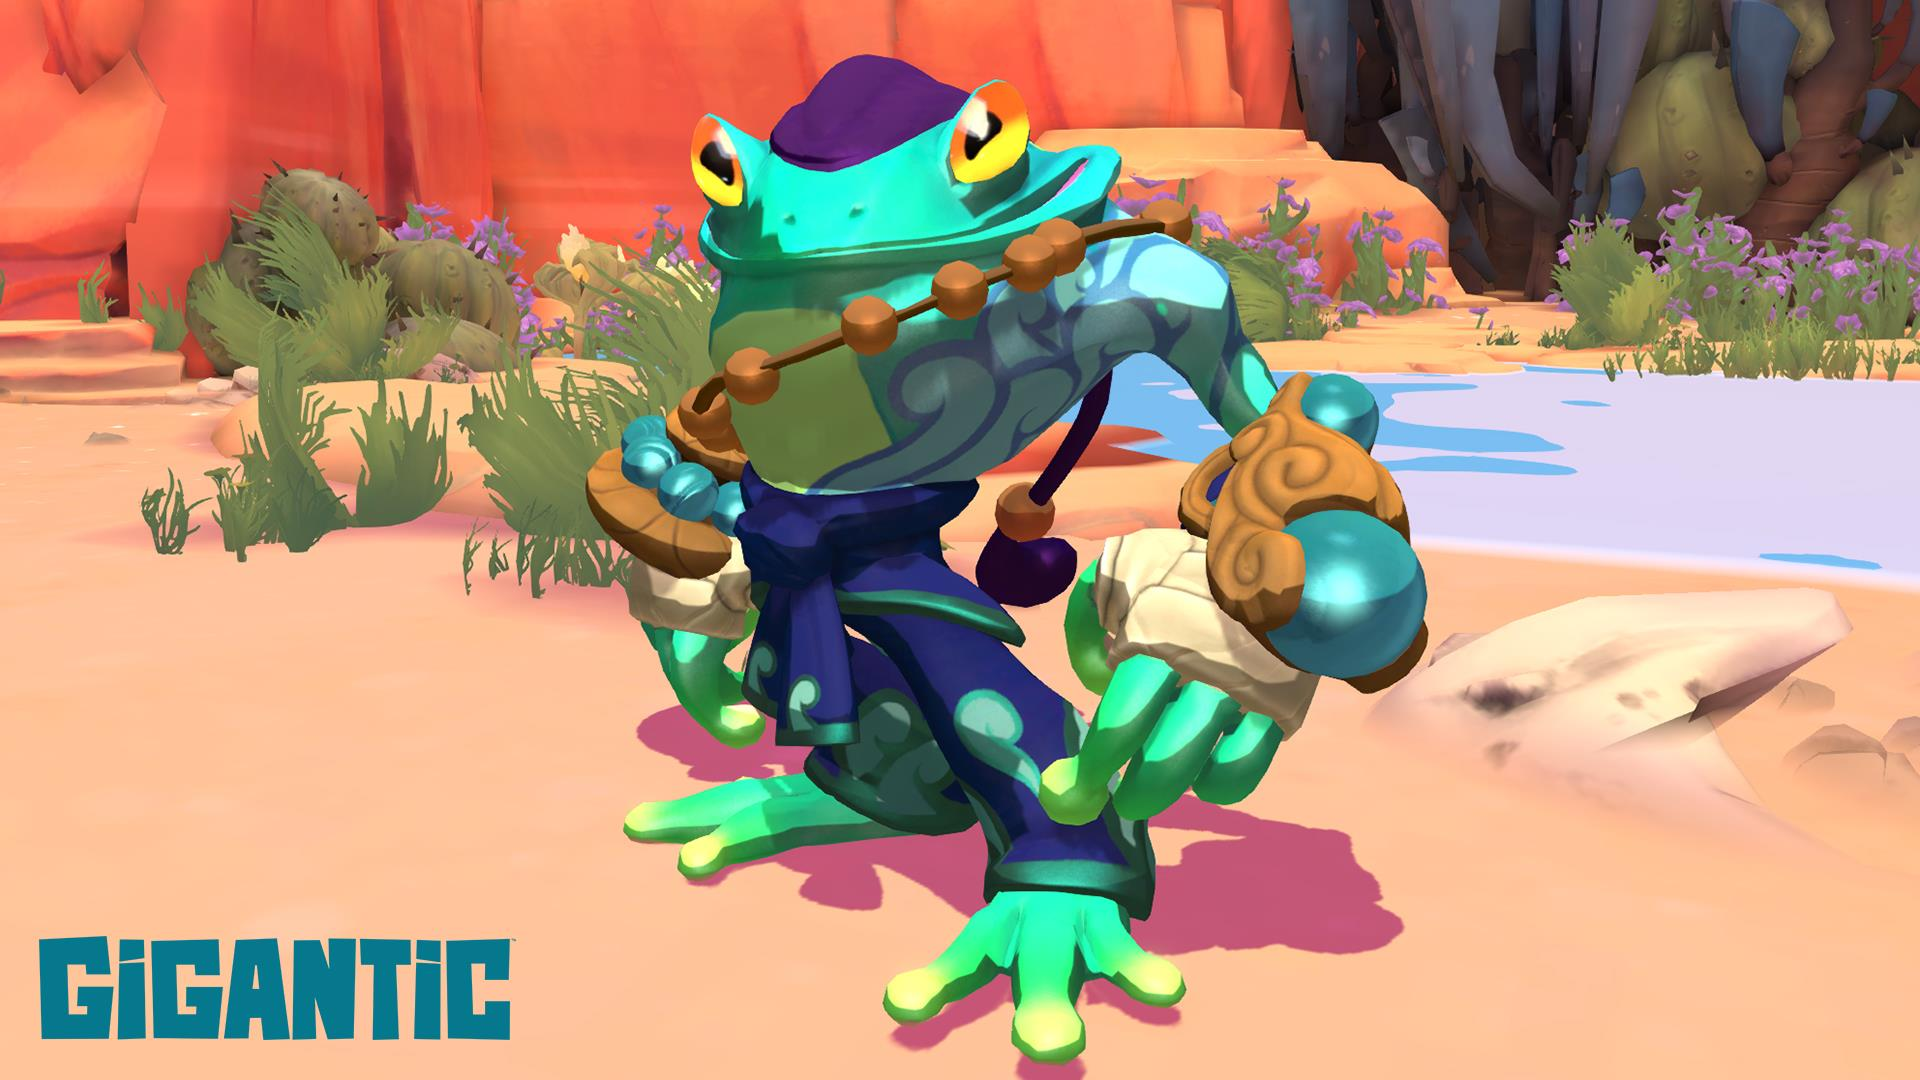 Image result for Gigantic